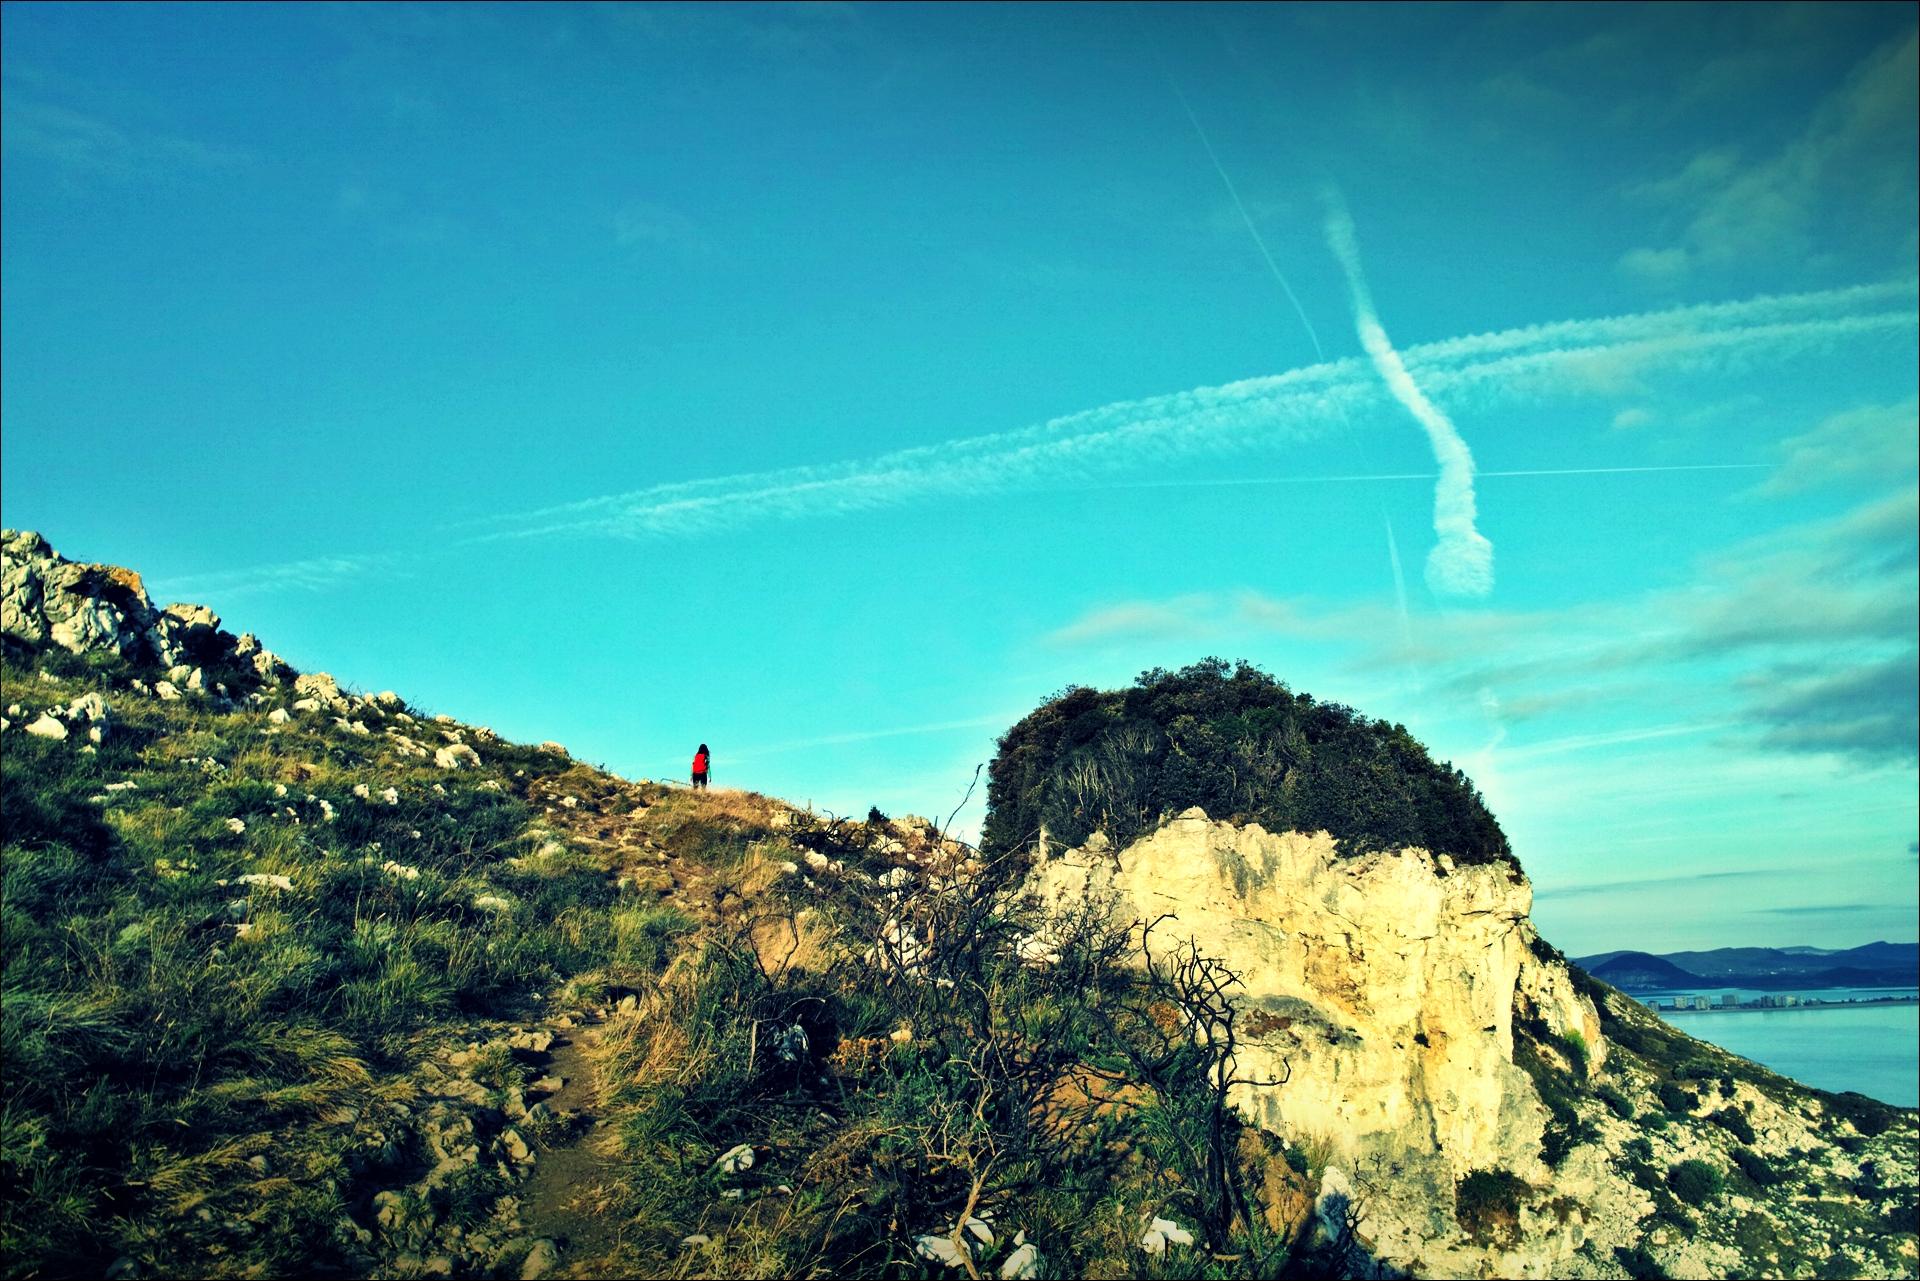 언덕과 구름-'카미노 데 산티아고 북쪽길. 리엔도에서 산토냐. (Camino del Norte - Liendo to Santoña) '